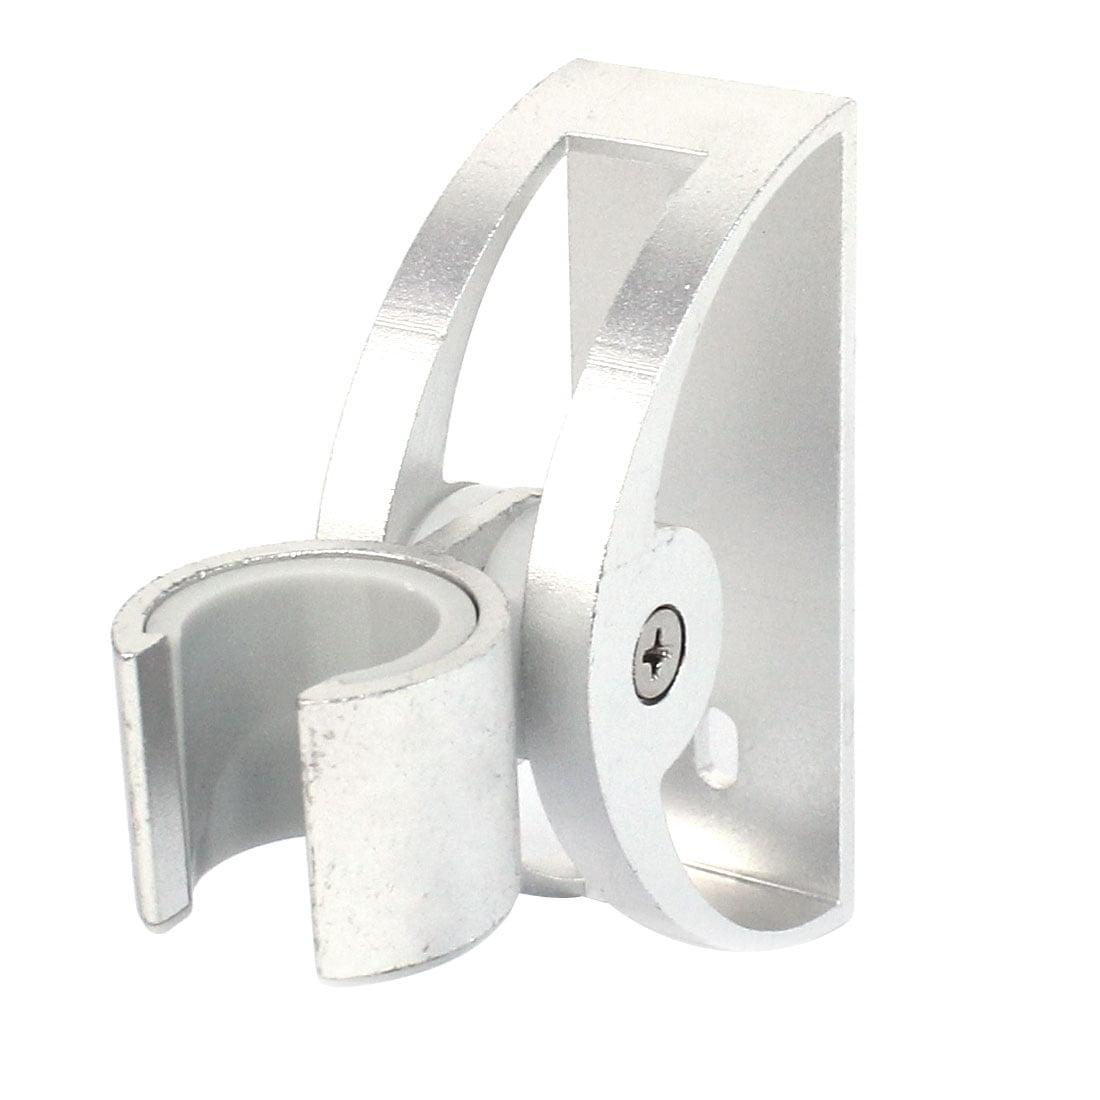 Bathroom 20mm Dia Handle Adjustable Aluminum Shower Head Holder